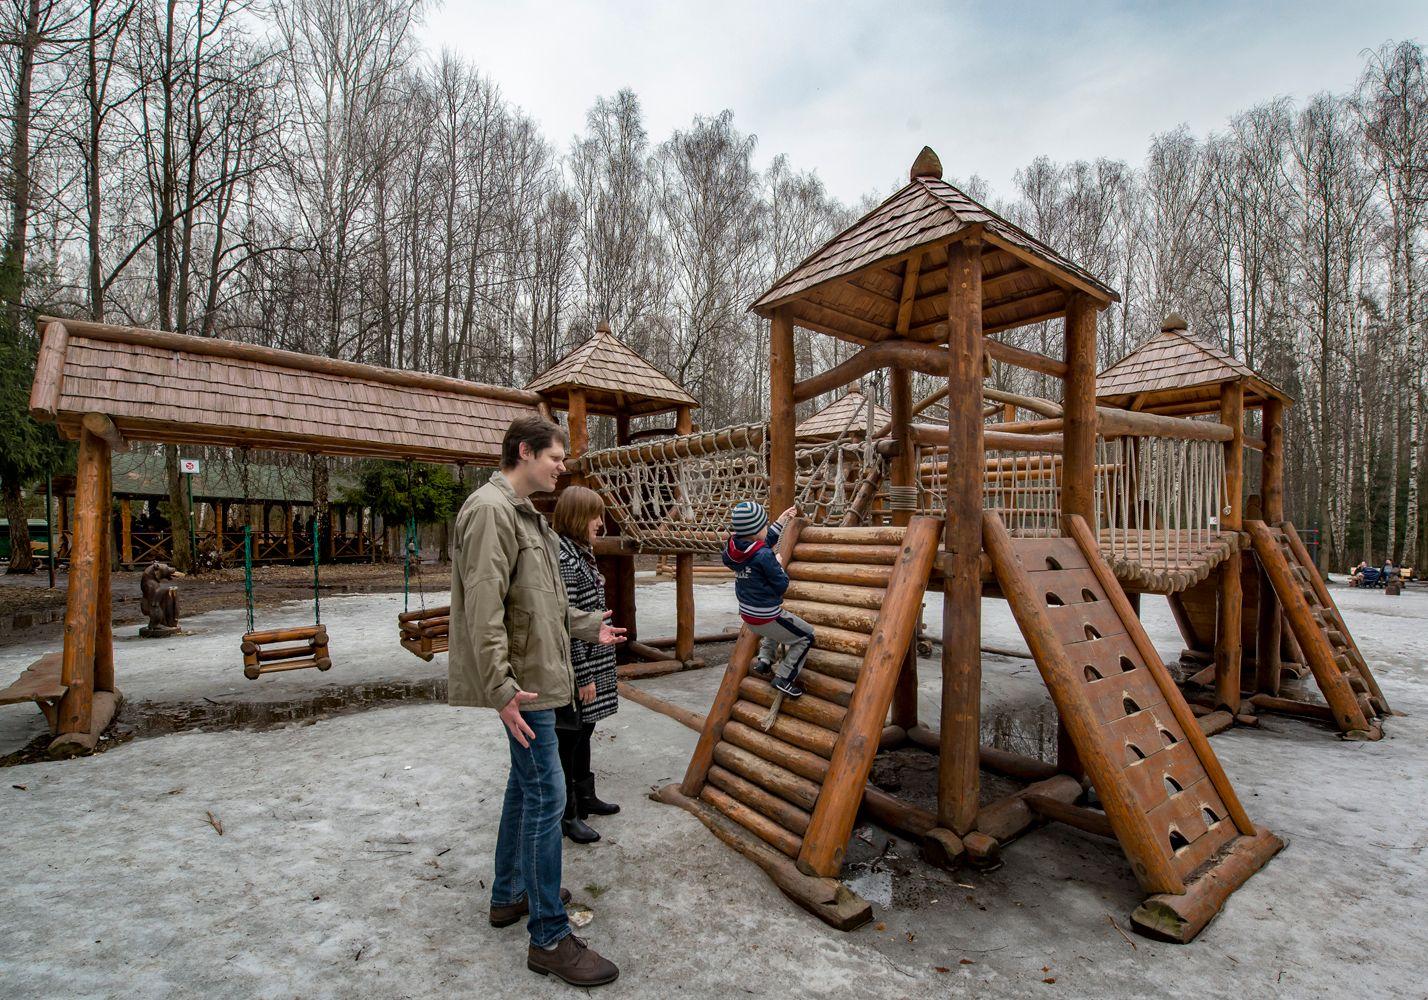 Преодоление препятствий... Москва лесопарк Лосиный остров поляна сказок